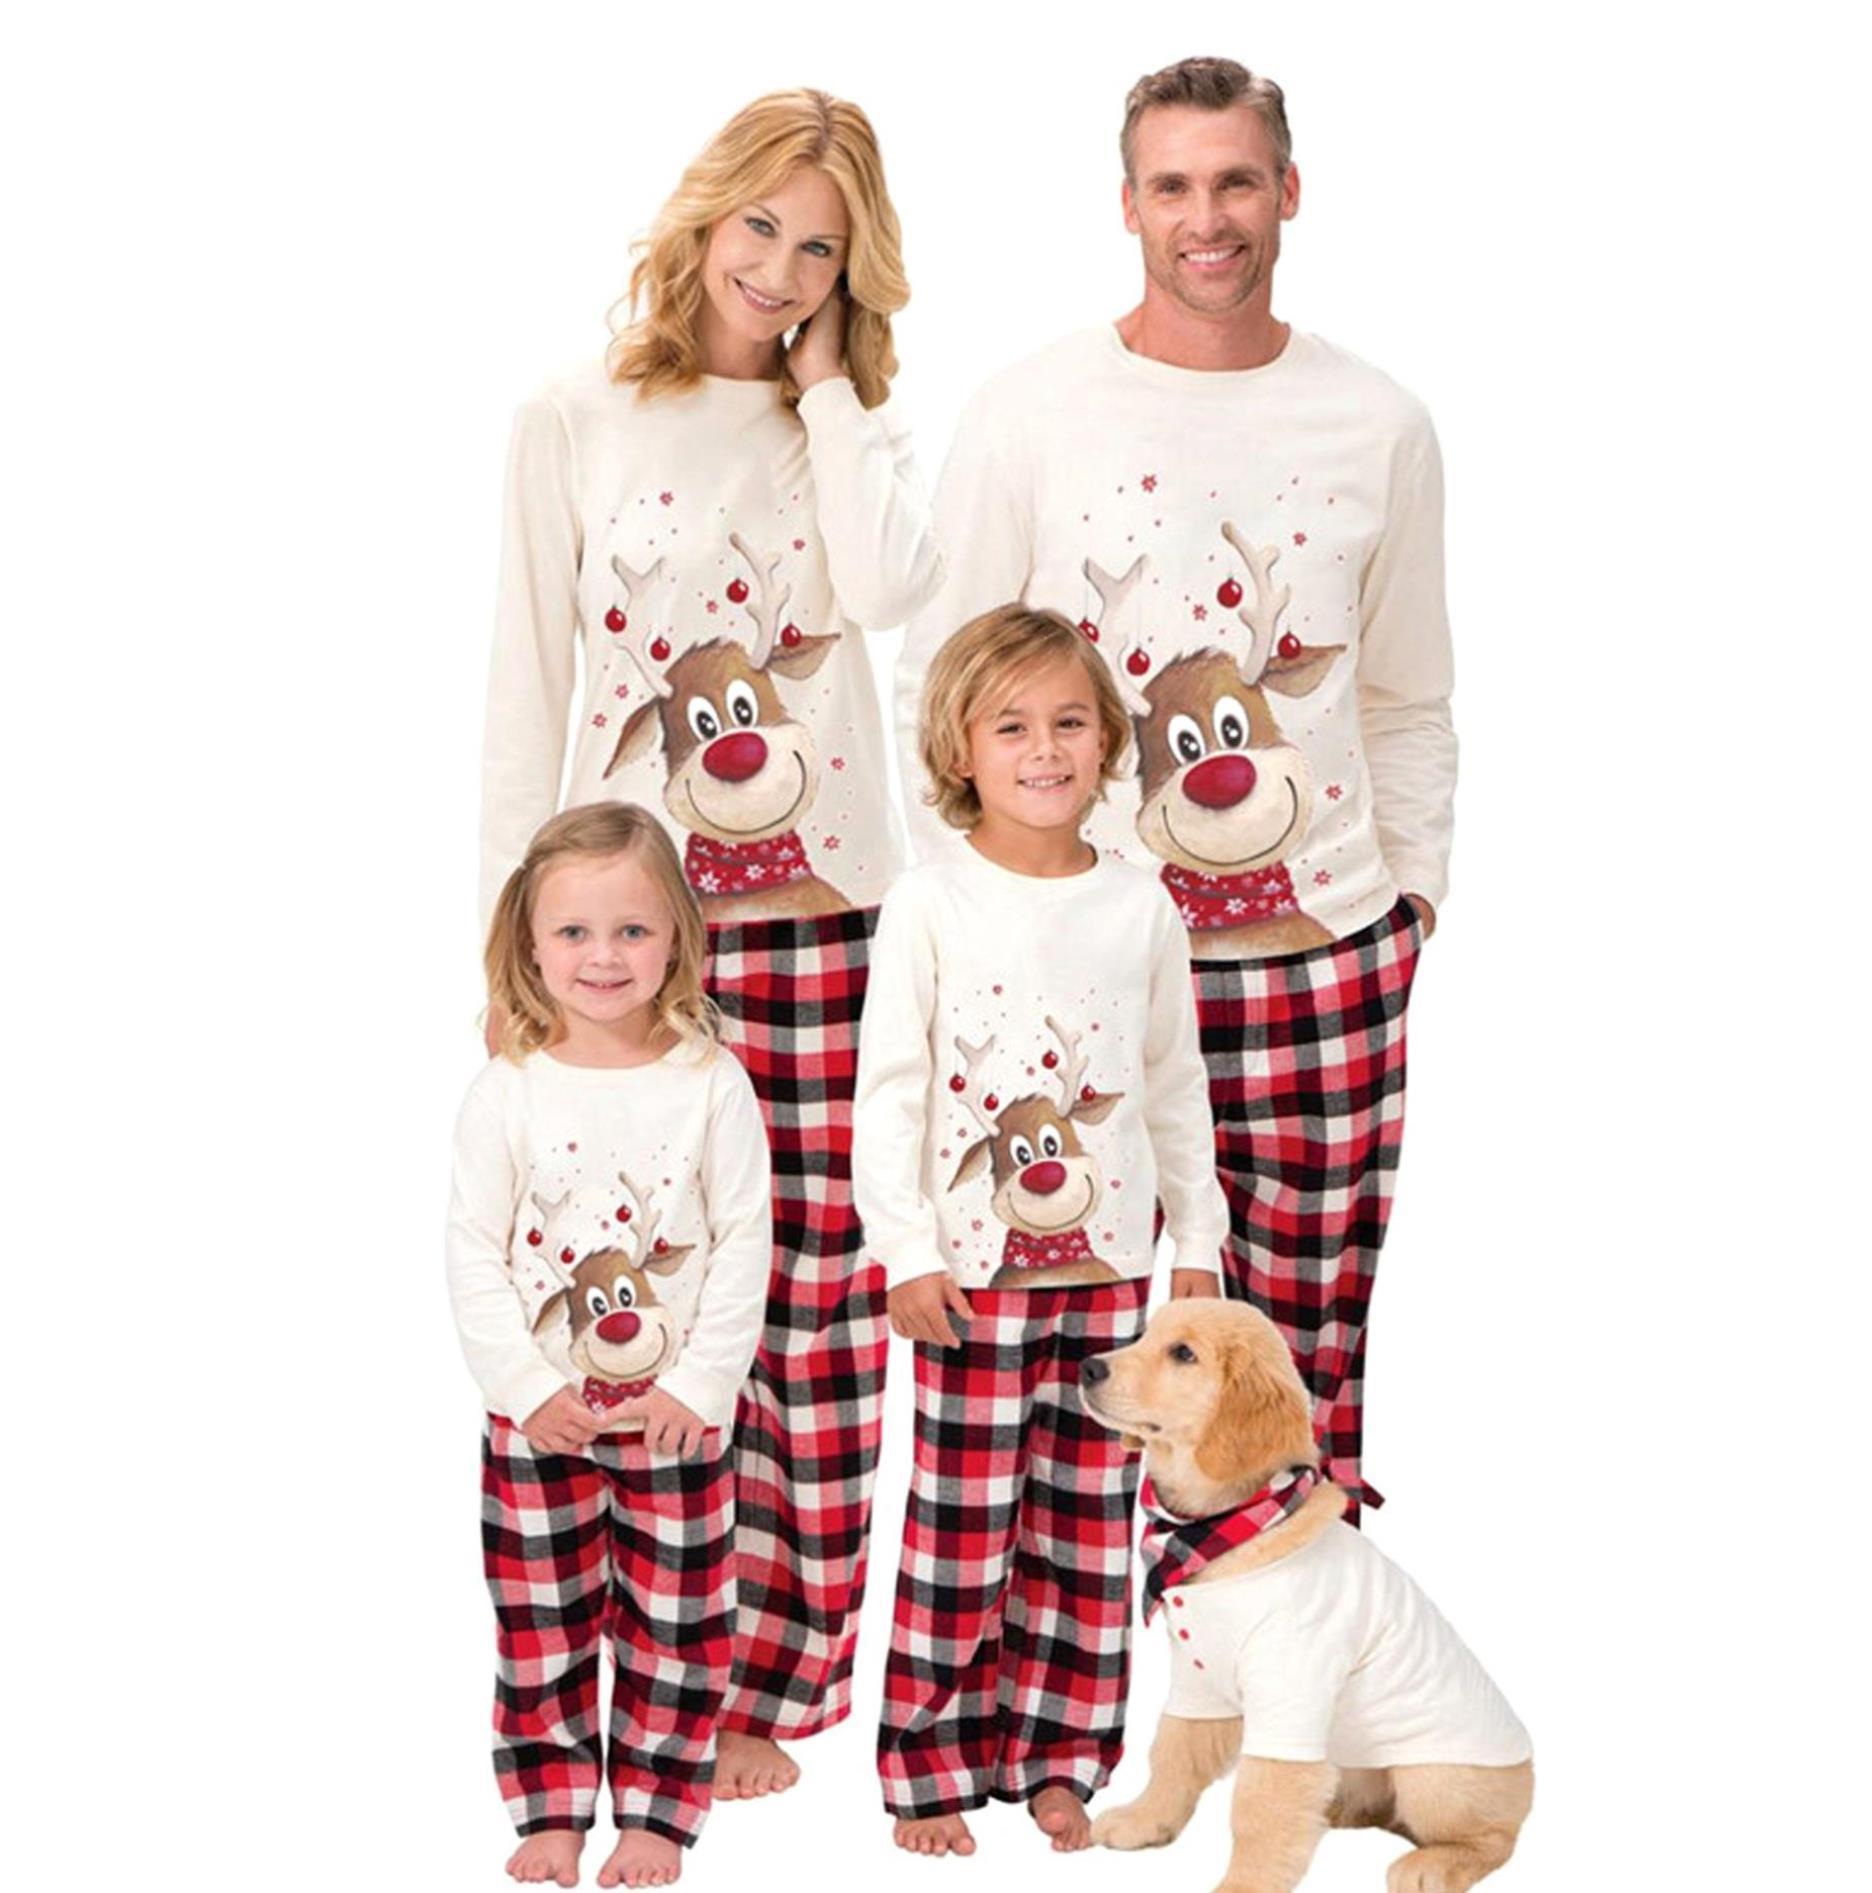 시우진 크리스마스 커플 잠옷 크리스마스 잠옷 커플잠옷 E15634